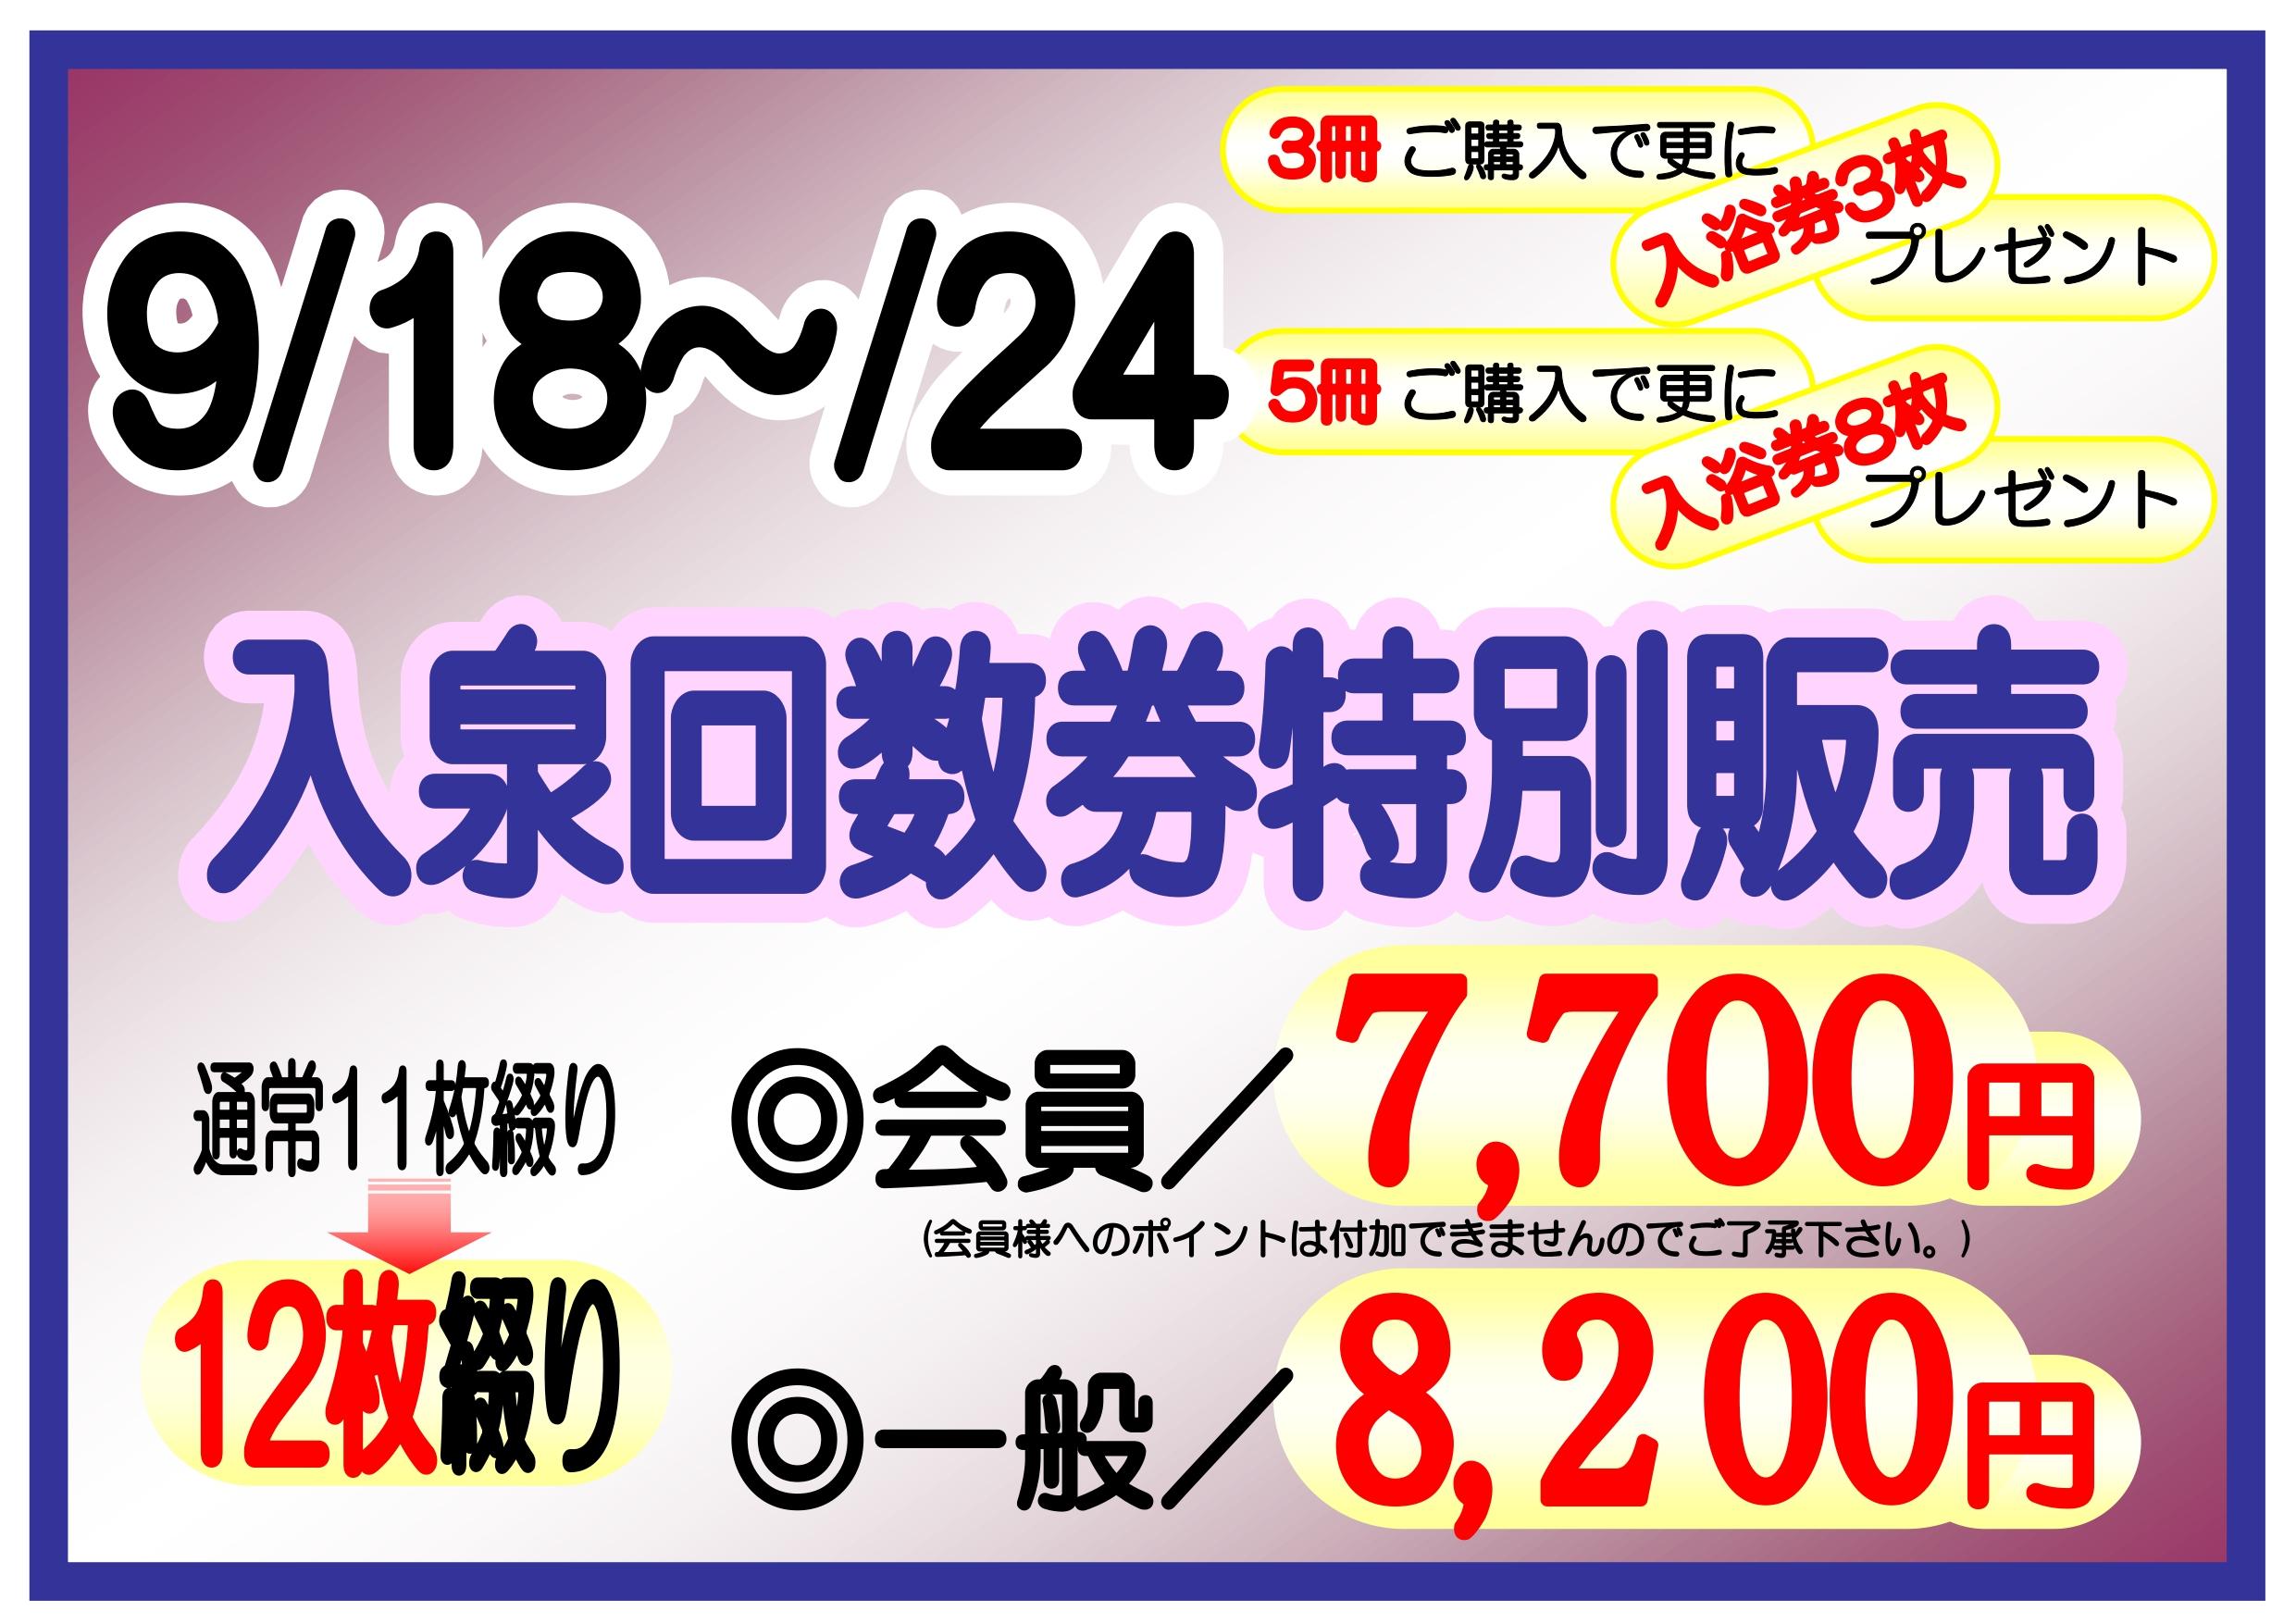 9月18日(水)~ 回数券得々販売